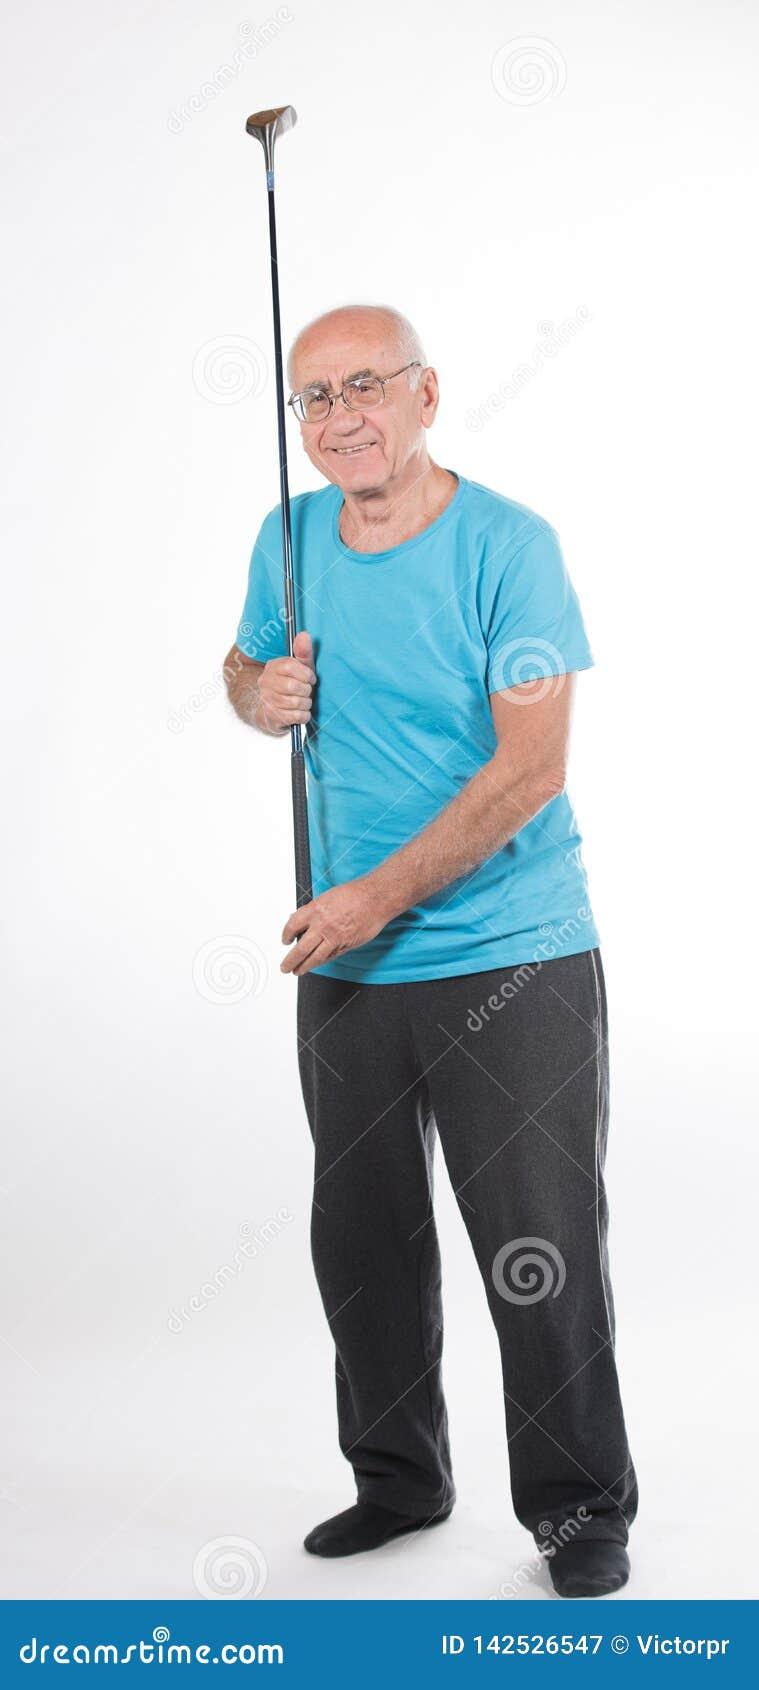 老人打高尔夫球